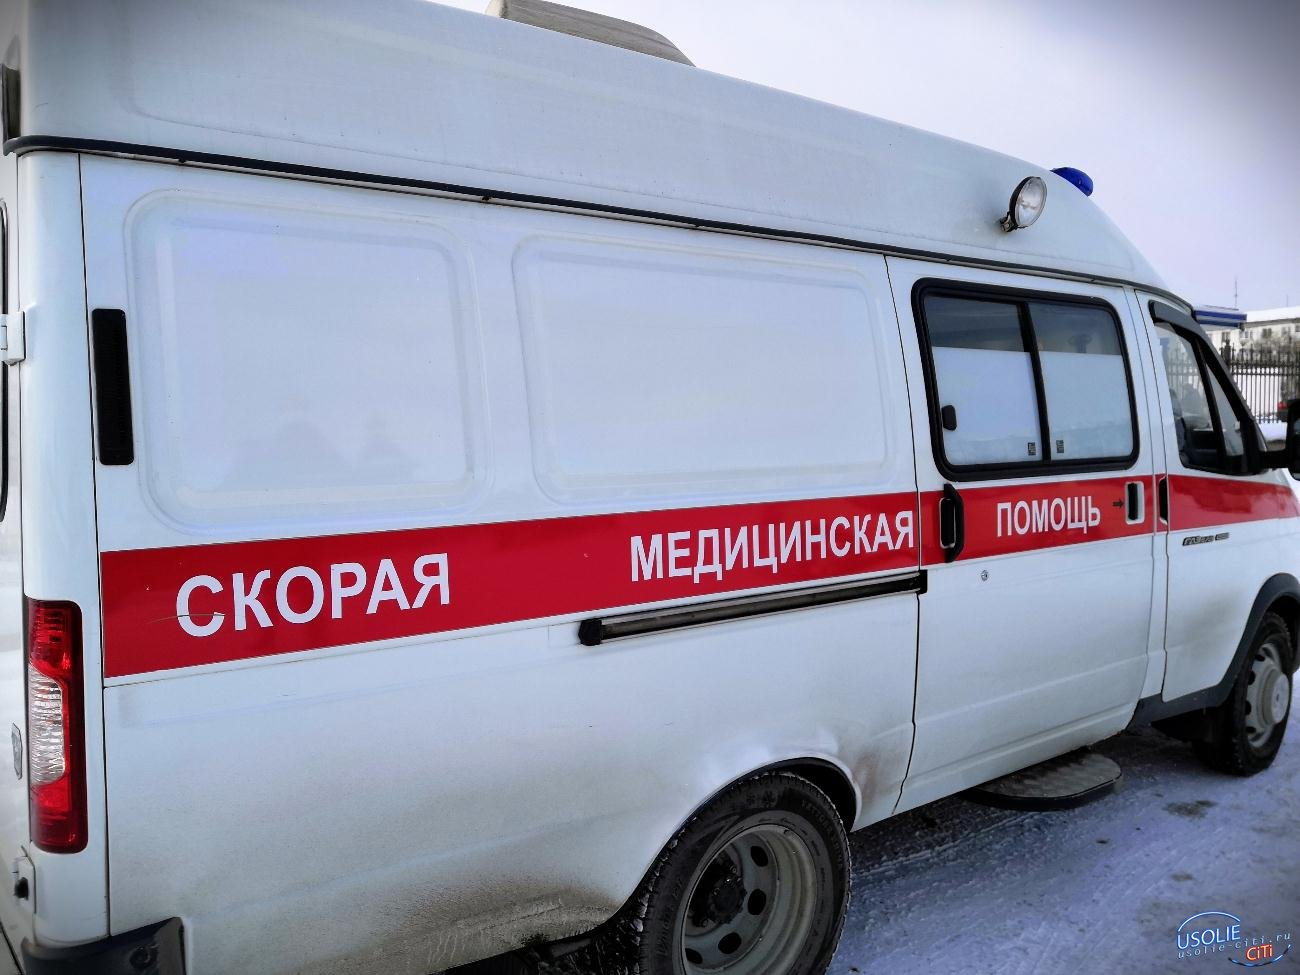 82-летний водитель попал в ДТП в деревне Усольского района